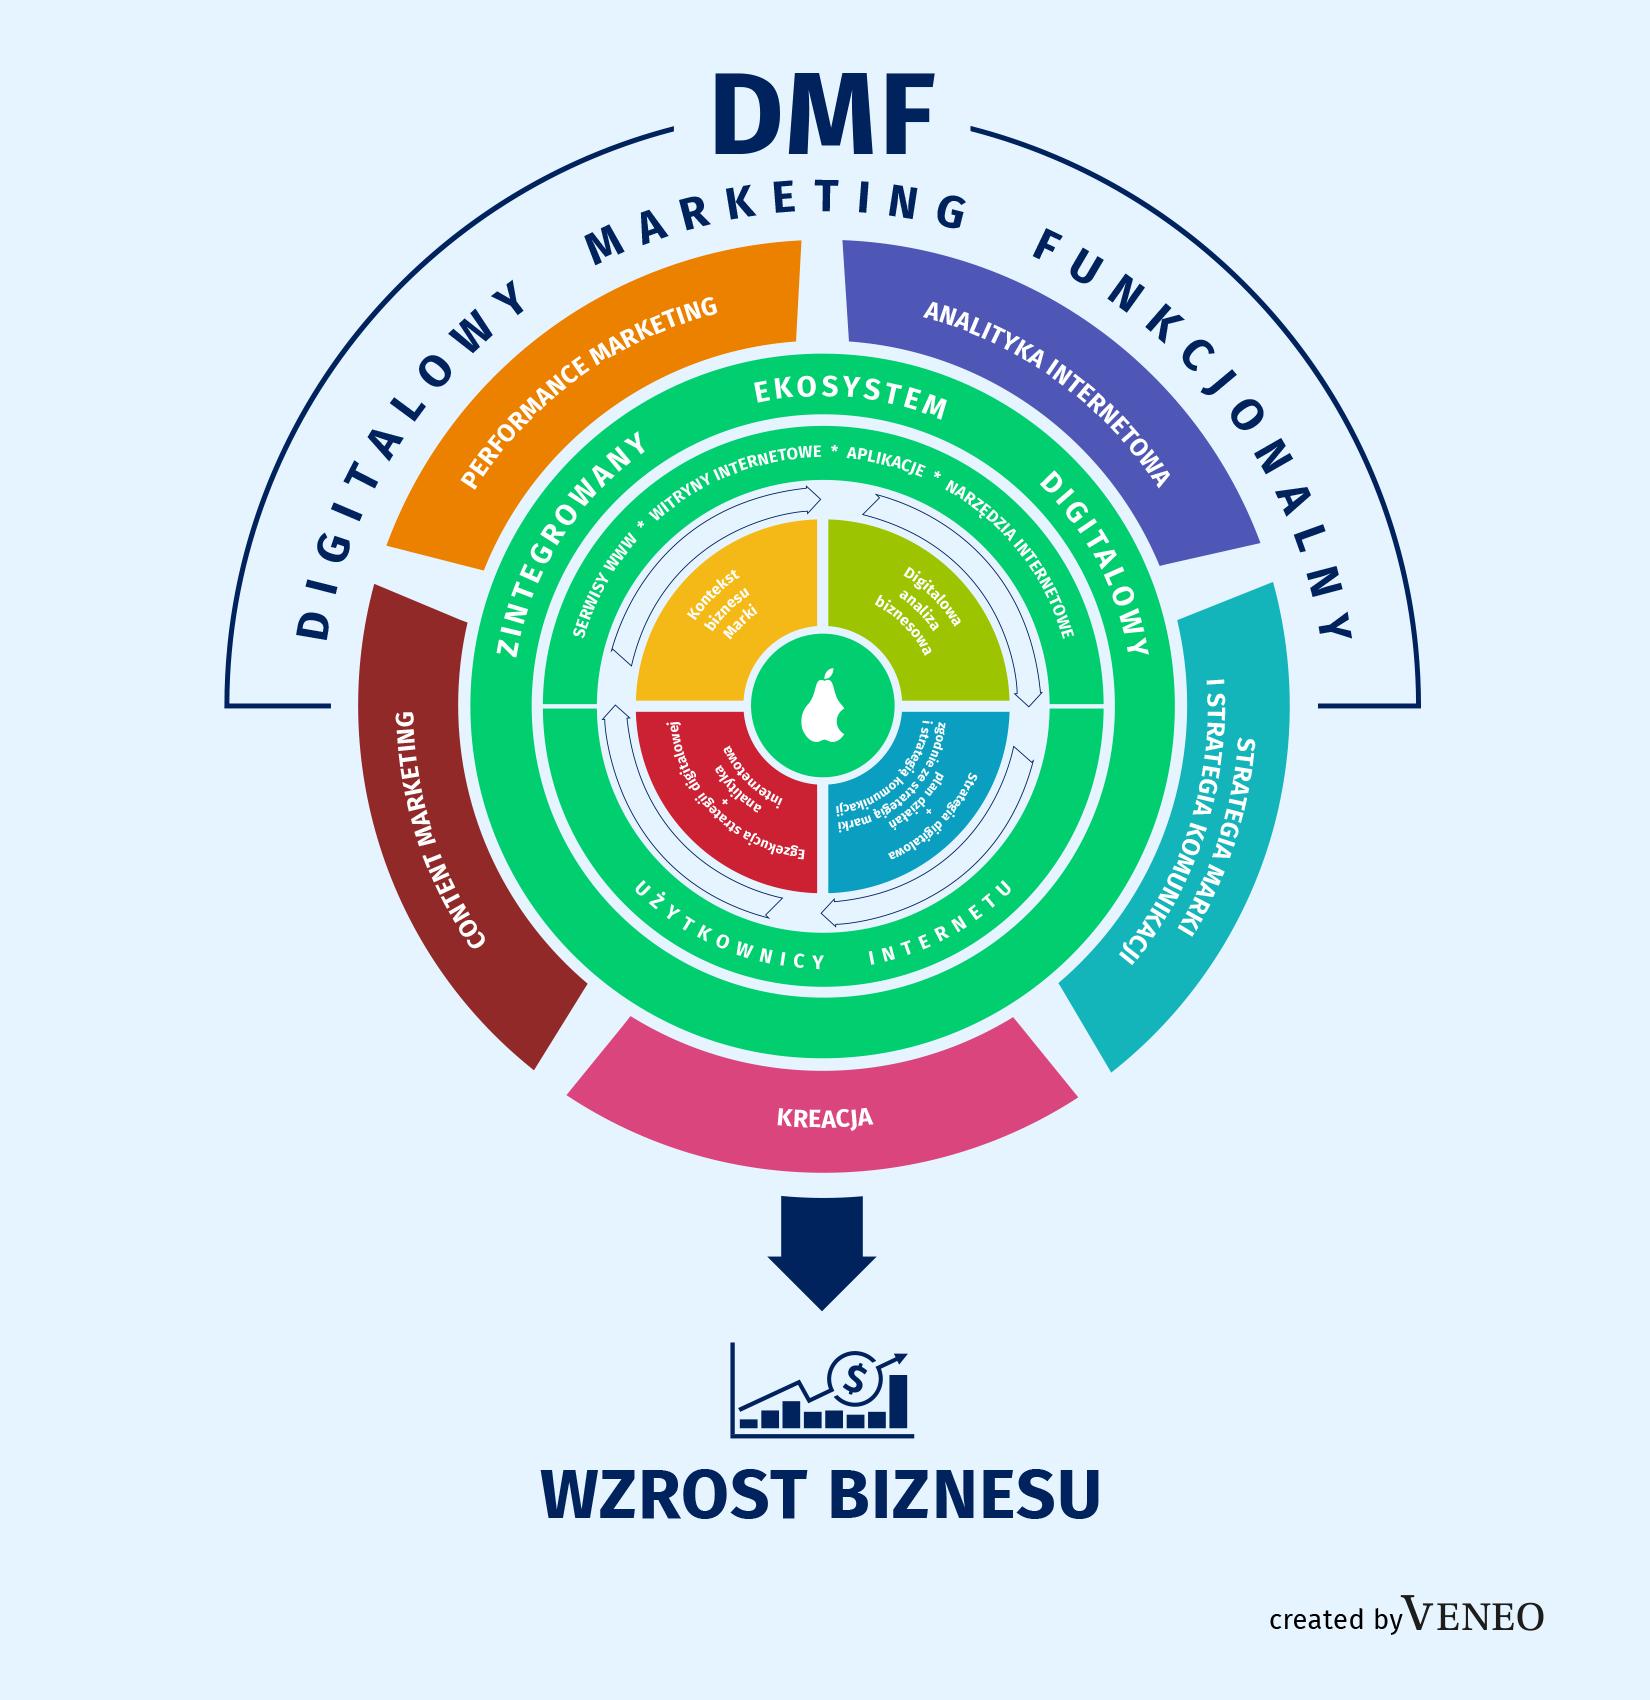 rys. Digitalowy Marketing Funkcjonalny (DMF)